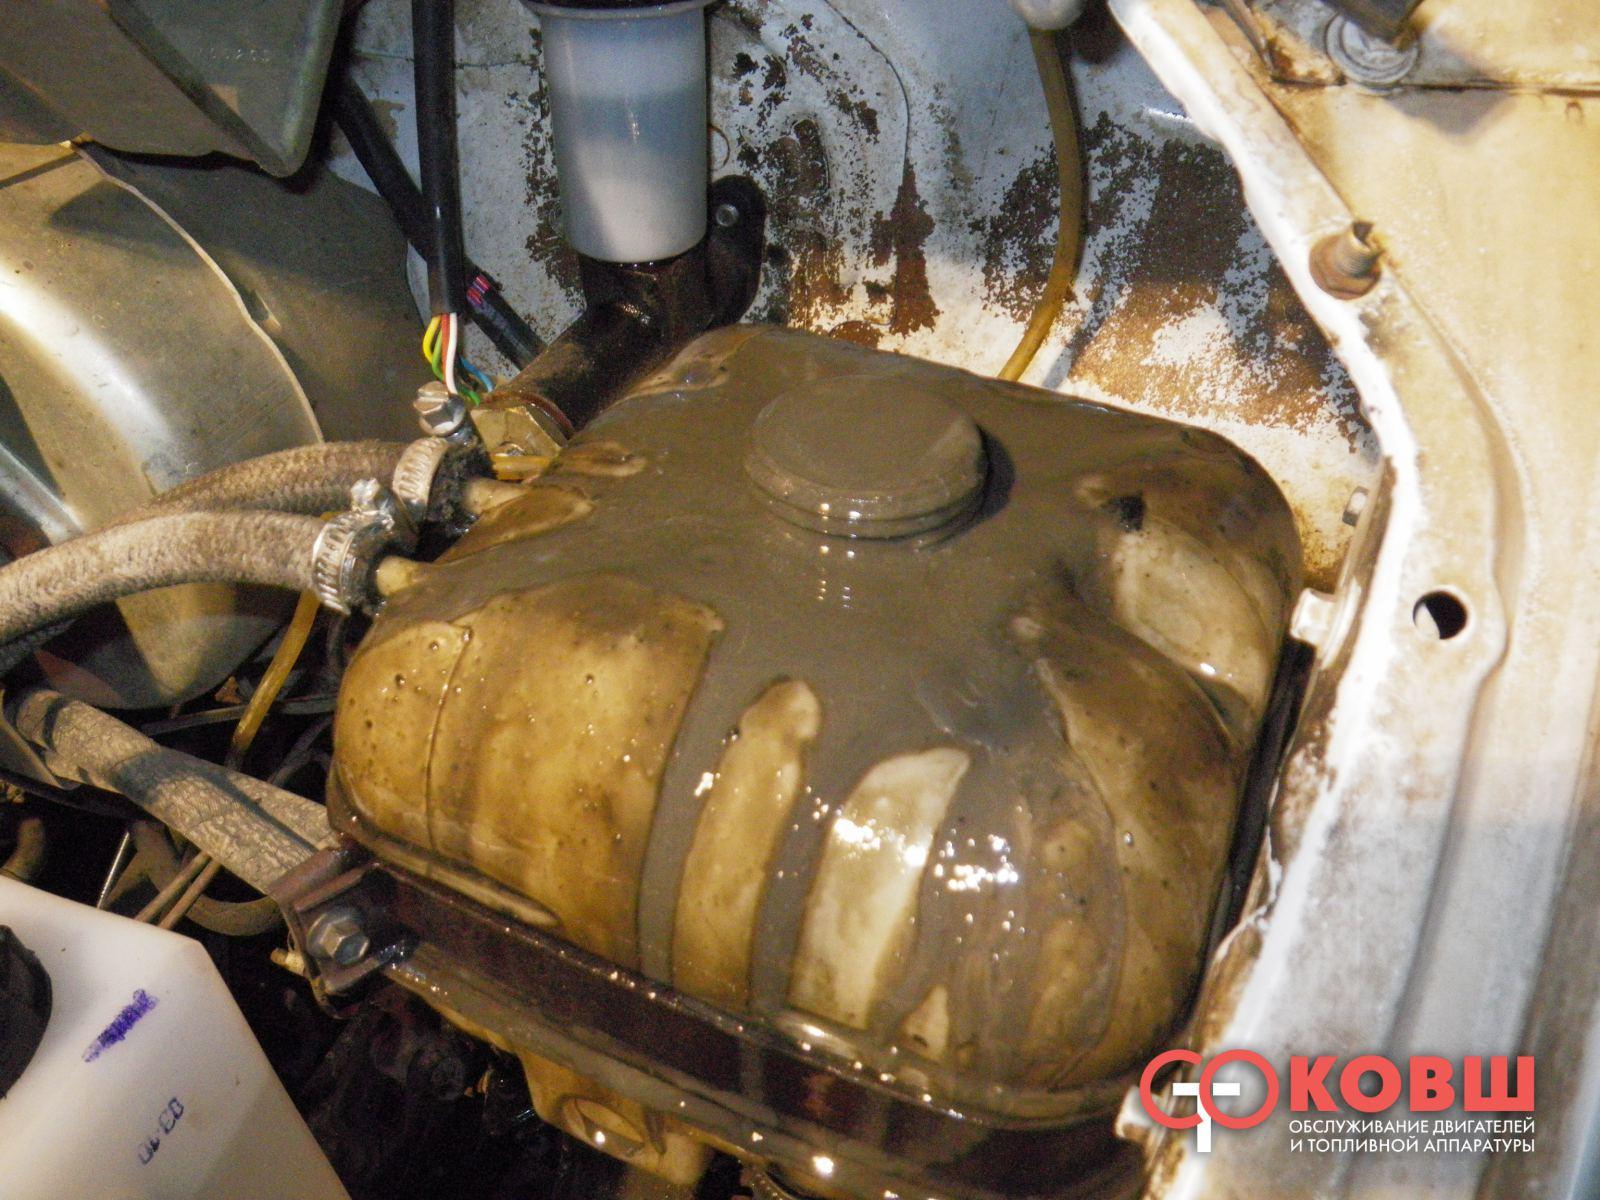 Масло попадает на систему охлаждения